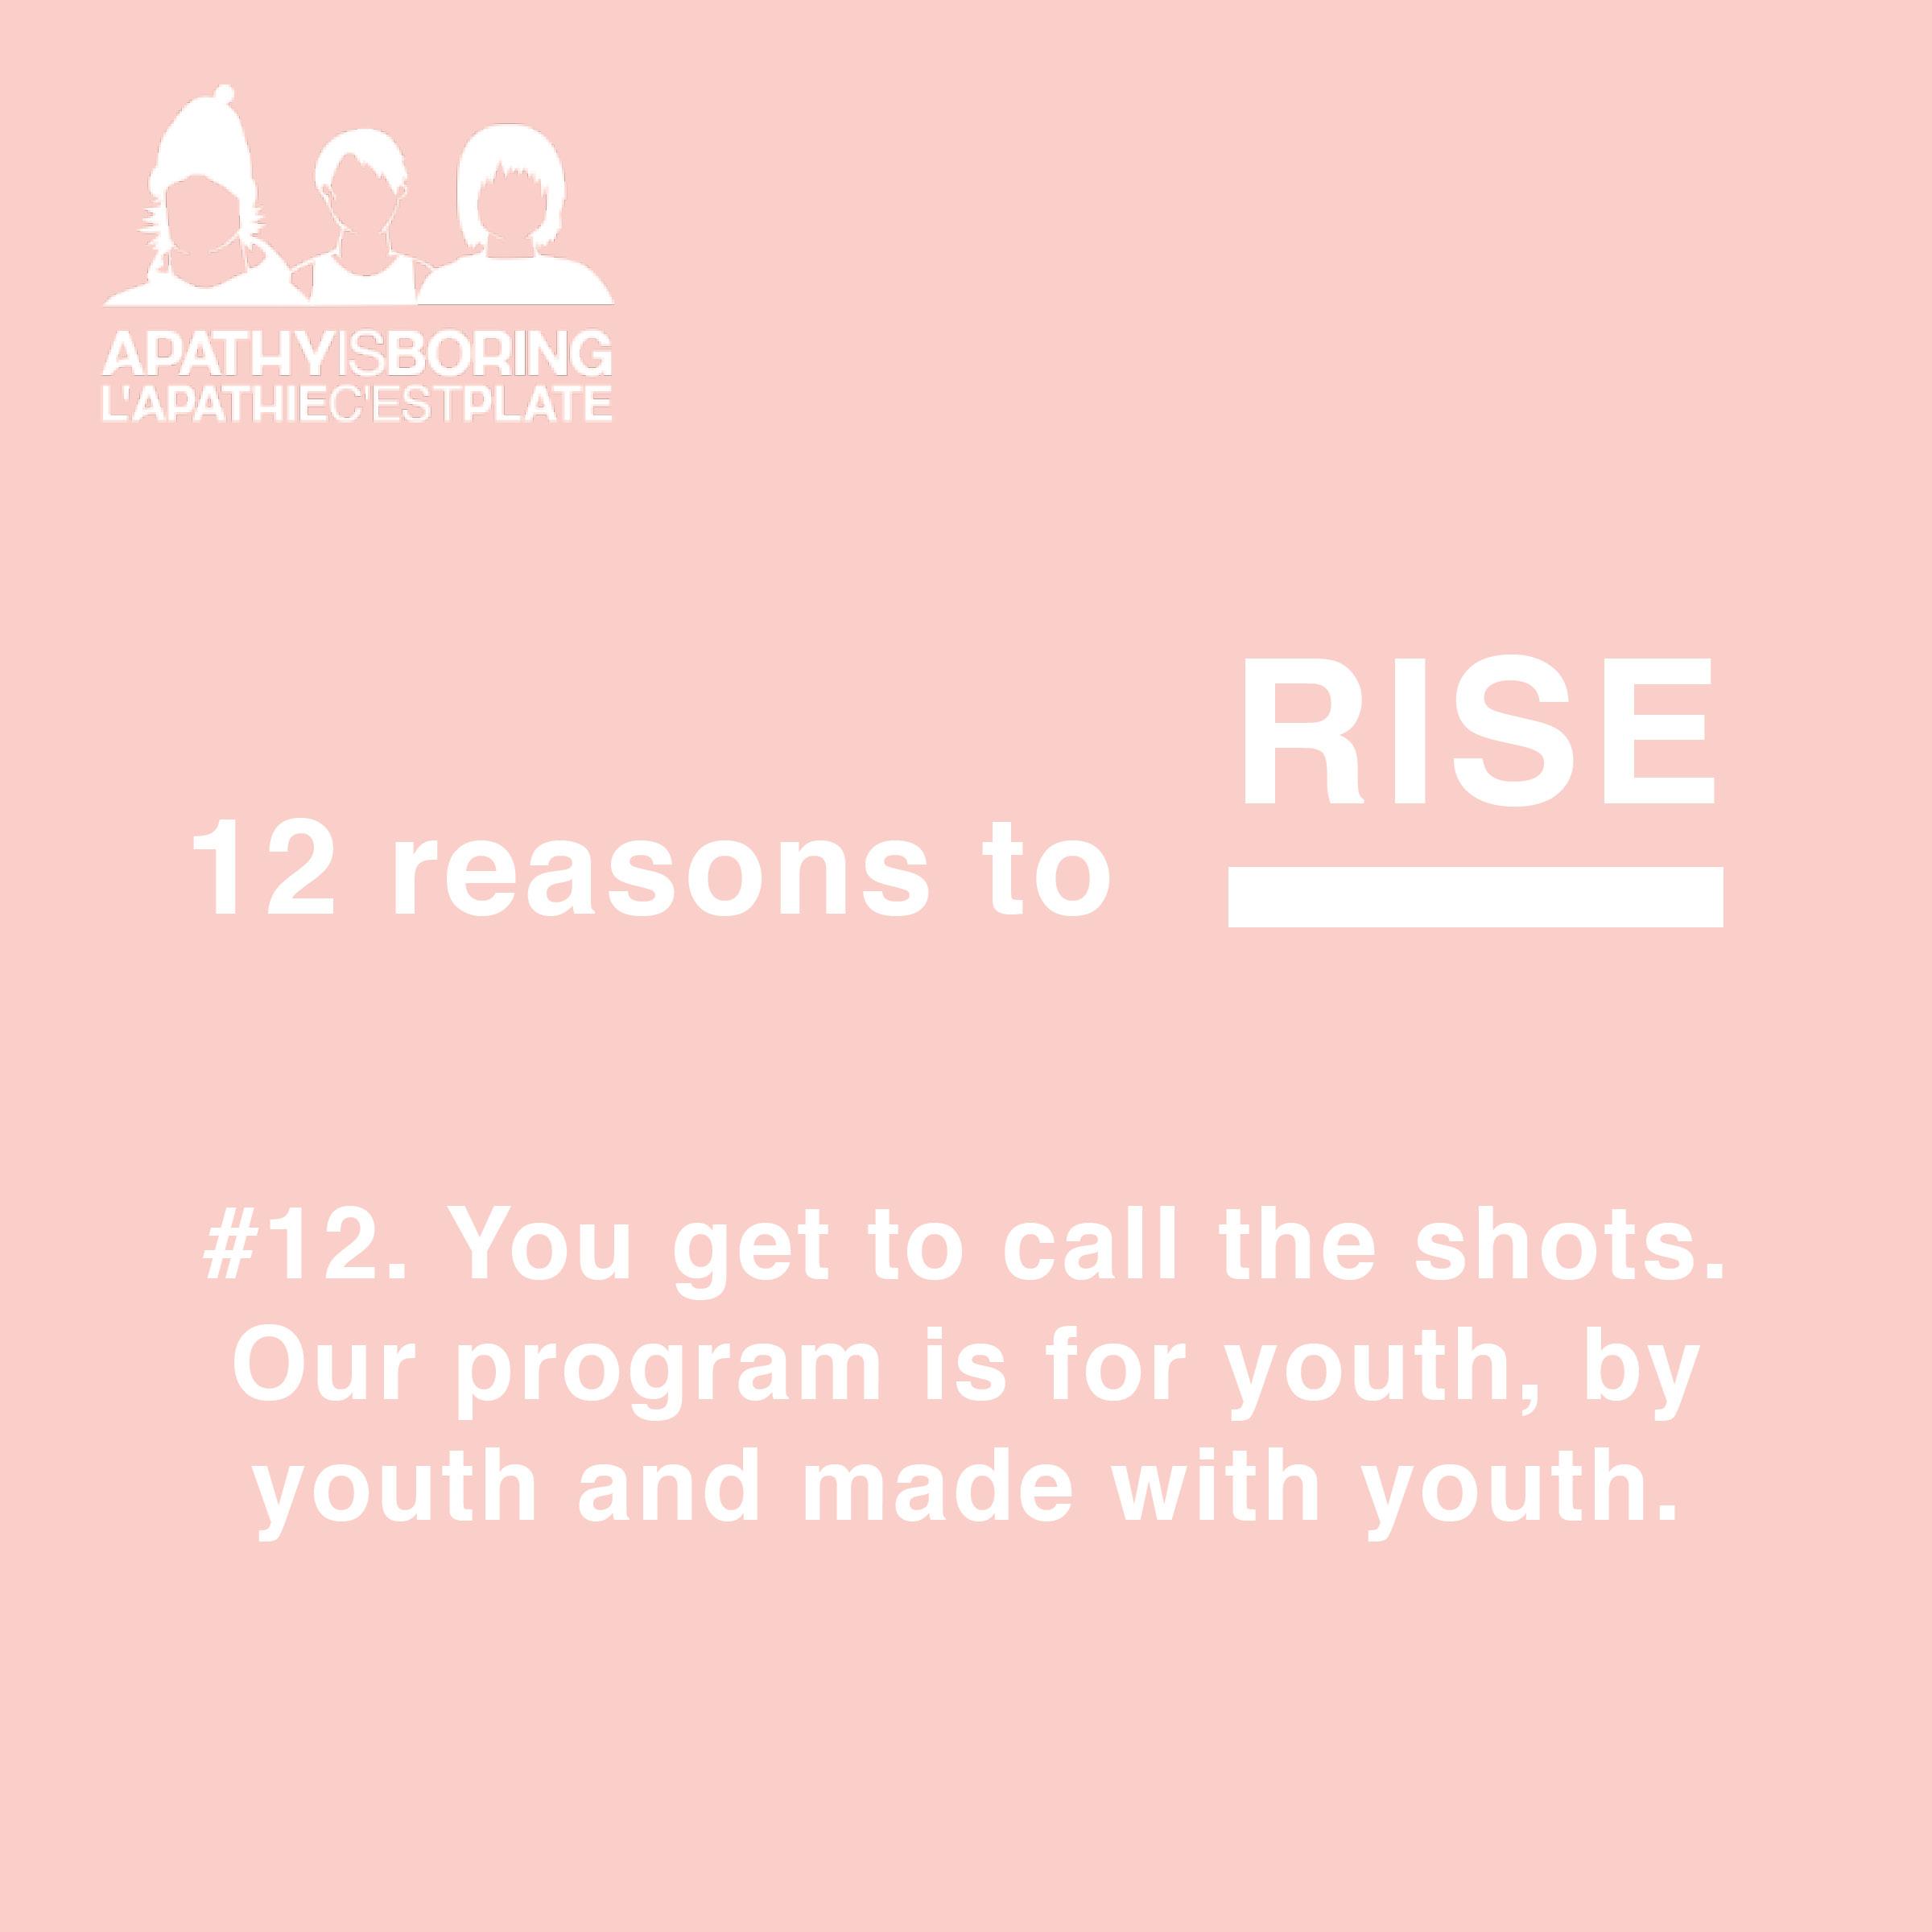 aisbRISE reason 12.jpg